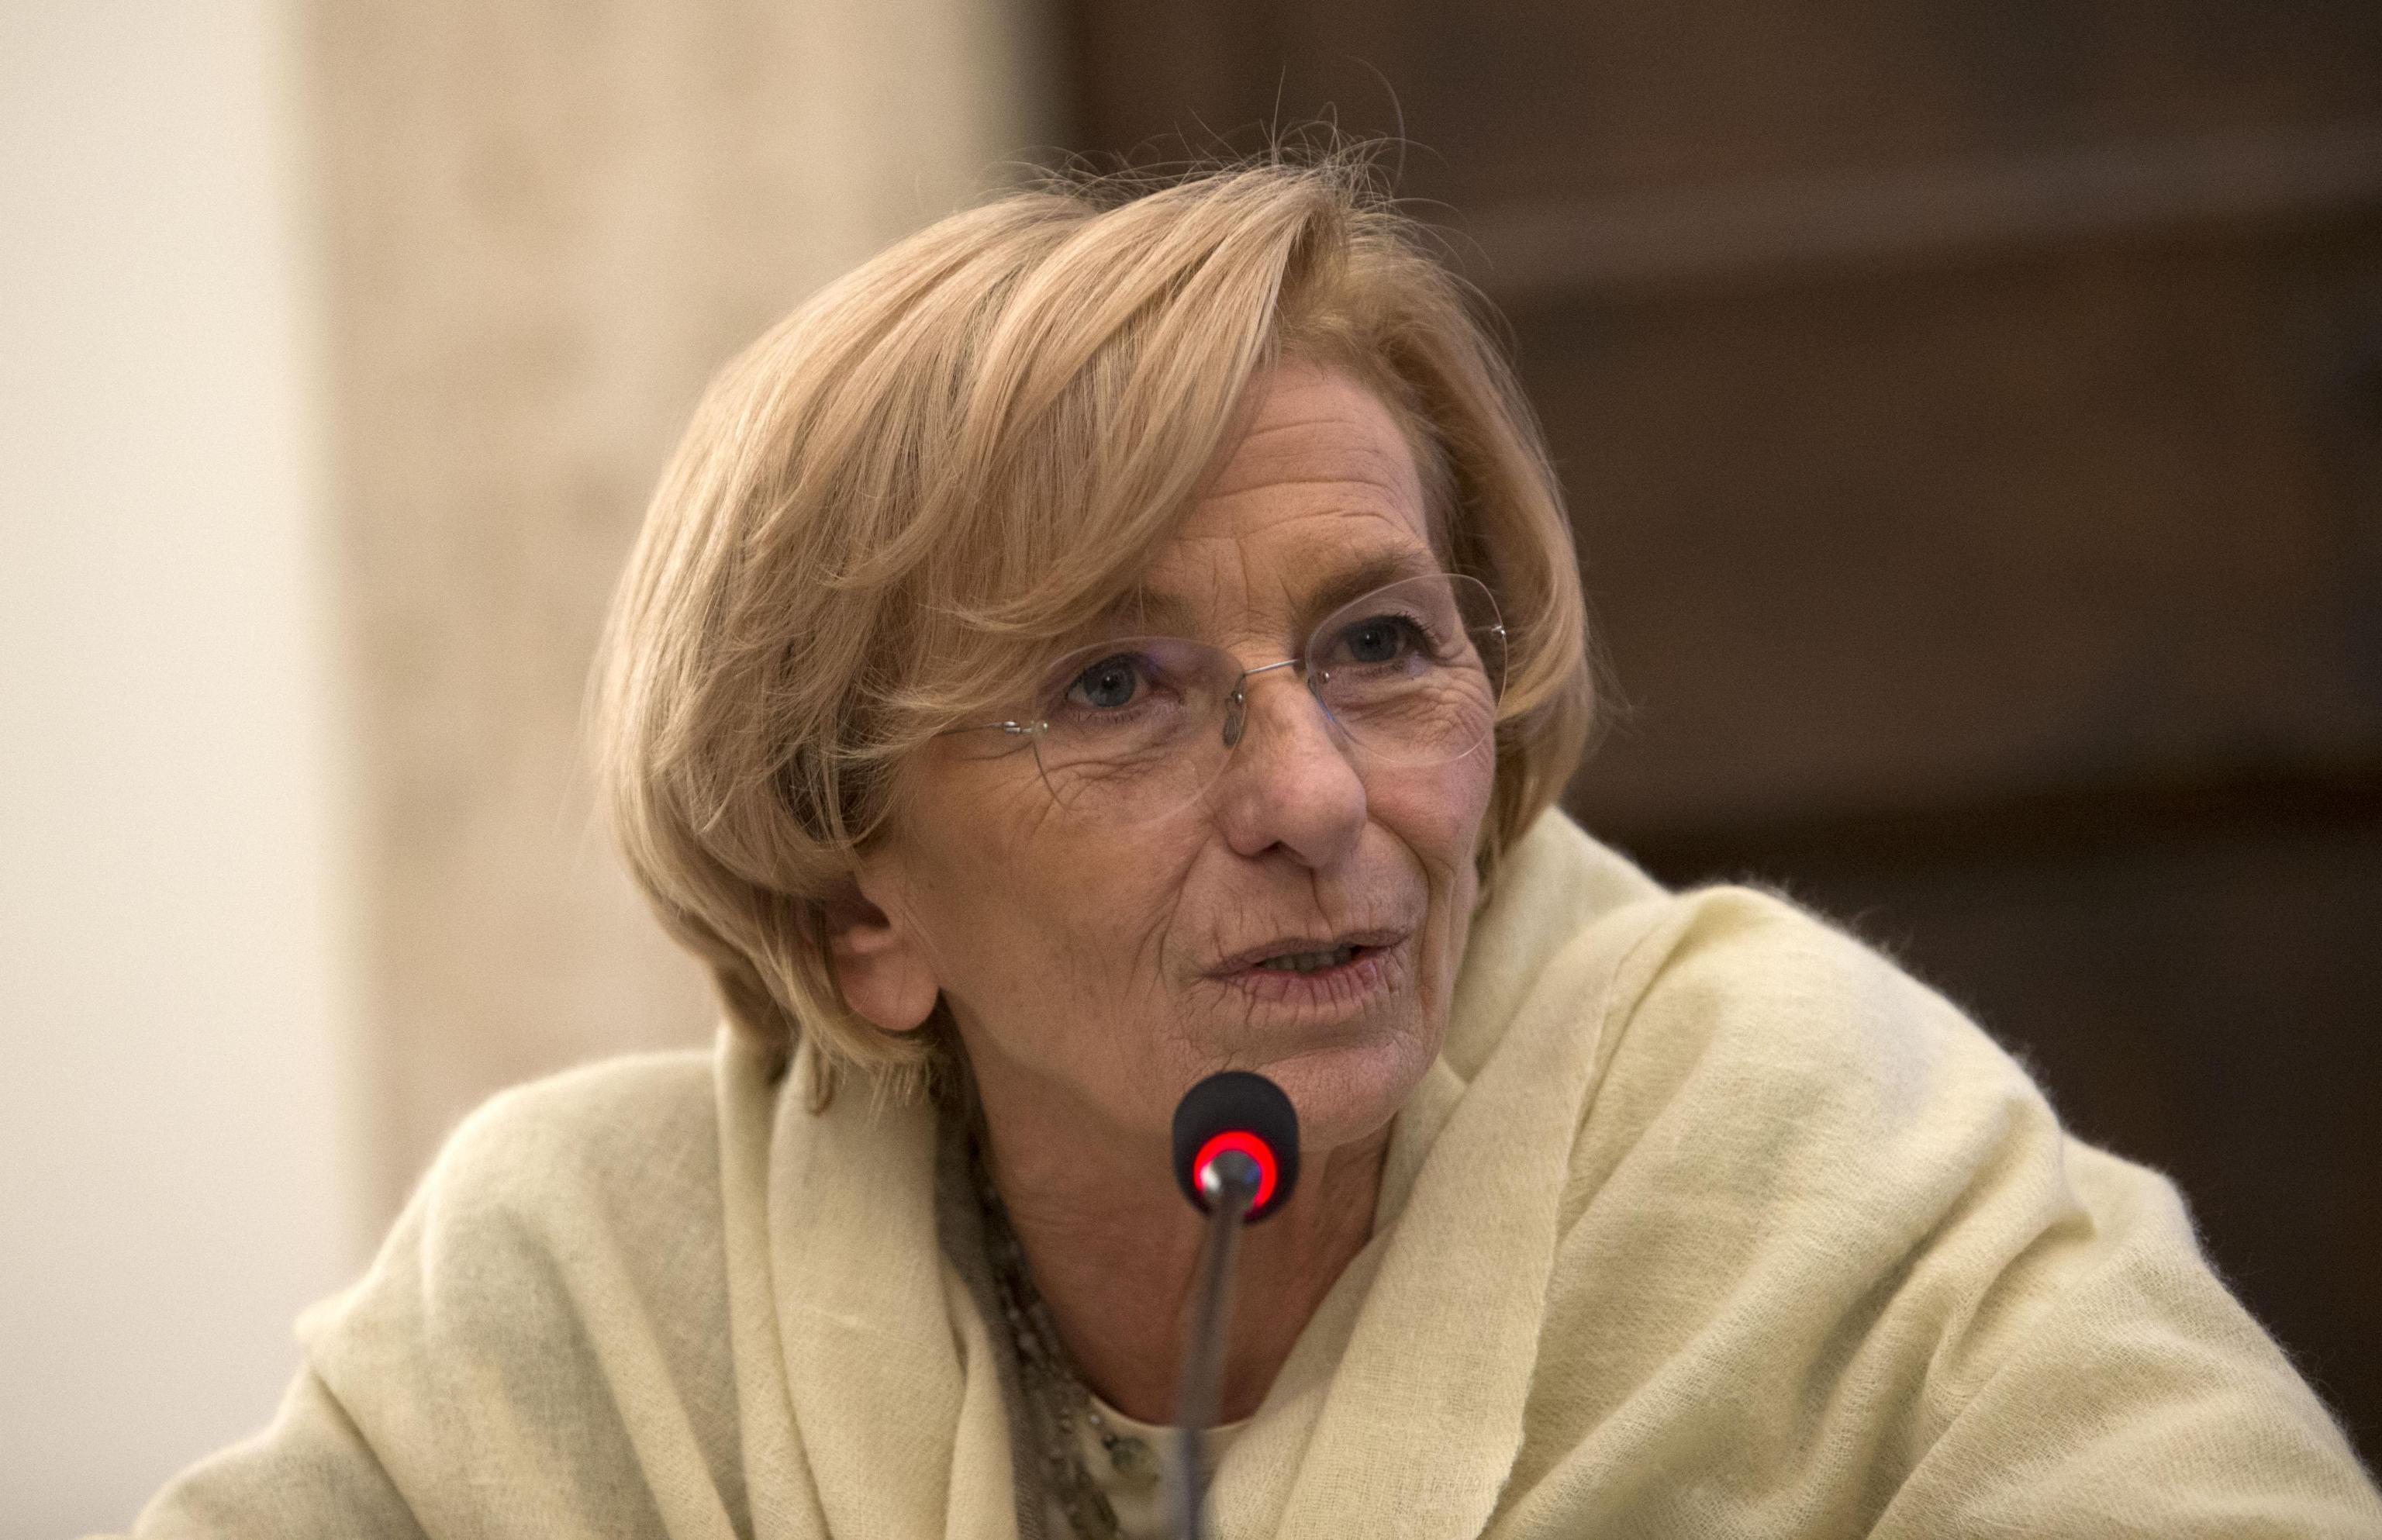 Emma bonino annuncio choc in diretta radio ho un tumore for Diretta radio radicale